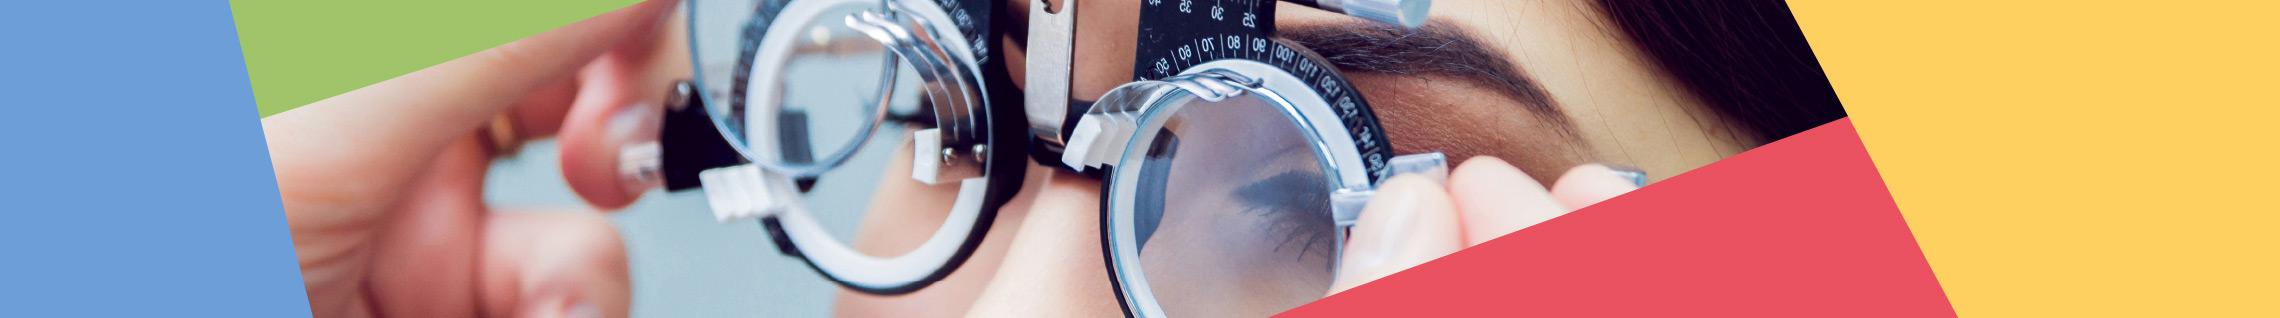 Moderne Untersuchungsverfahren in der Augenheilkunde